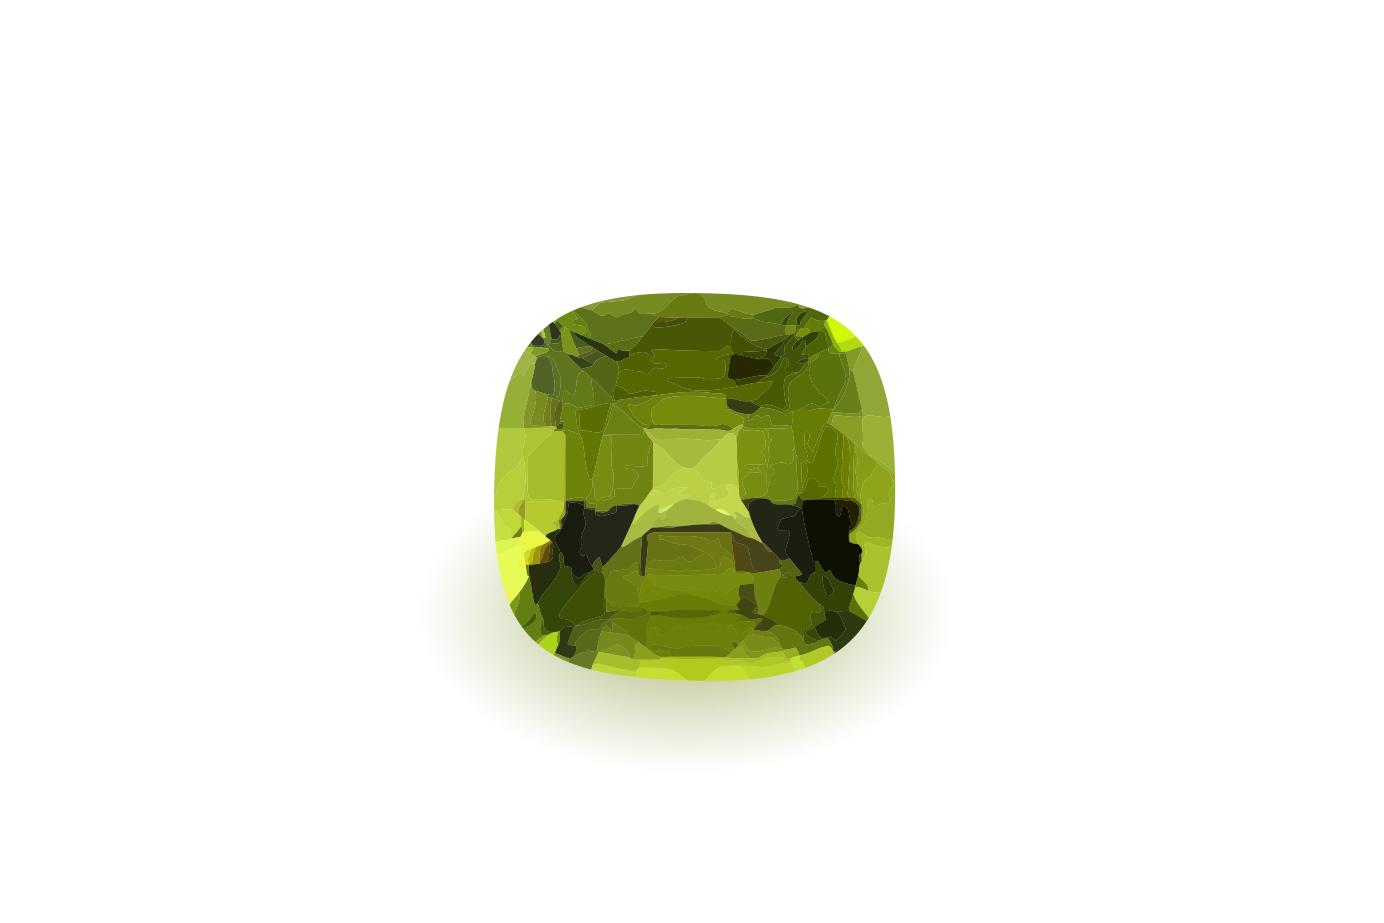 暗くても明るい色を放つ不思議な緑色の宝石 8月の誕生石ペリドット